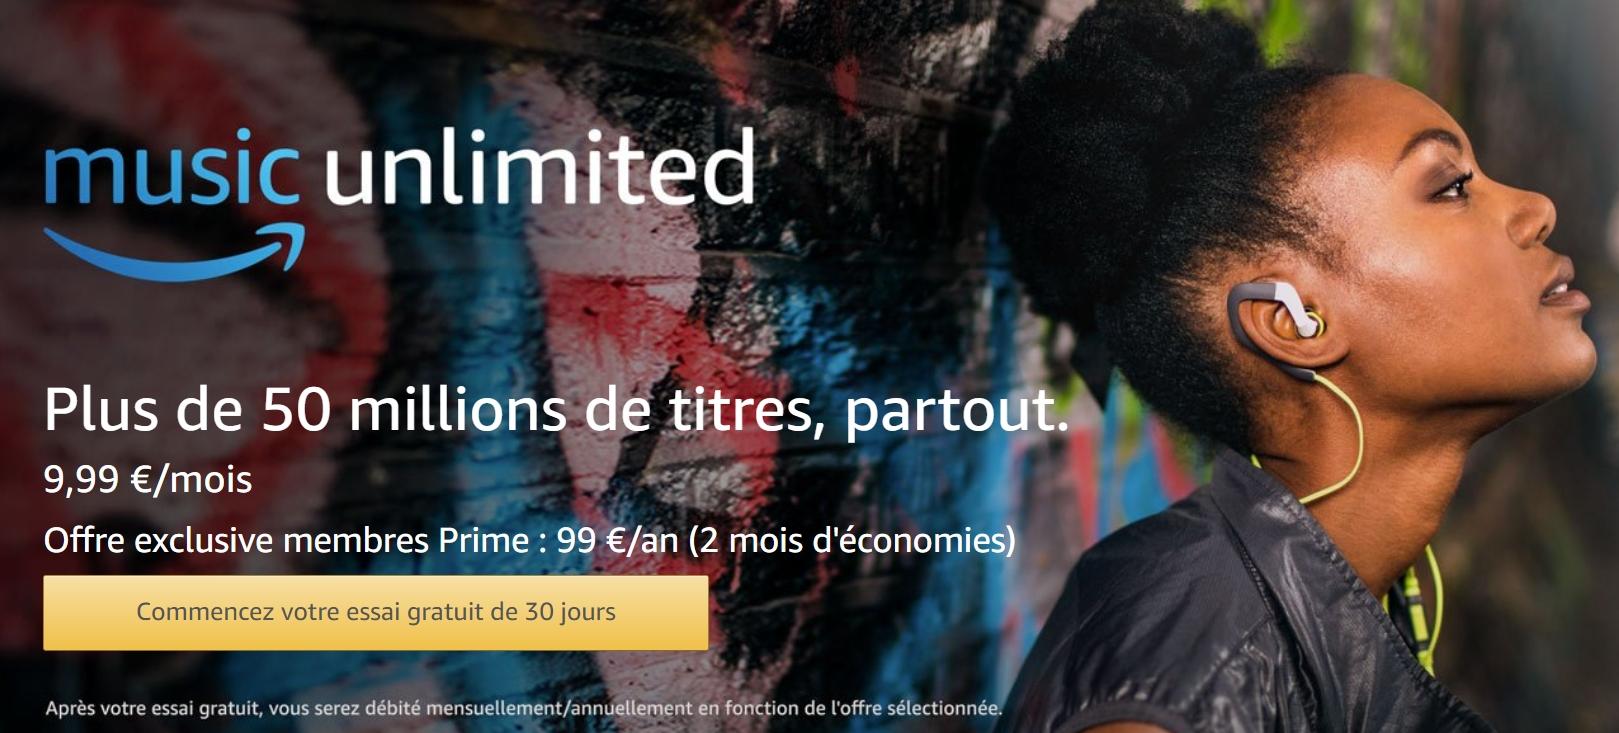 0.99€ les 4 mois de musiques illimitées avec Amazon Music